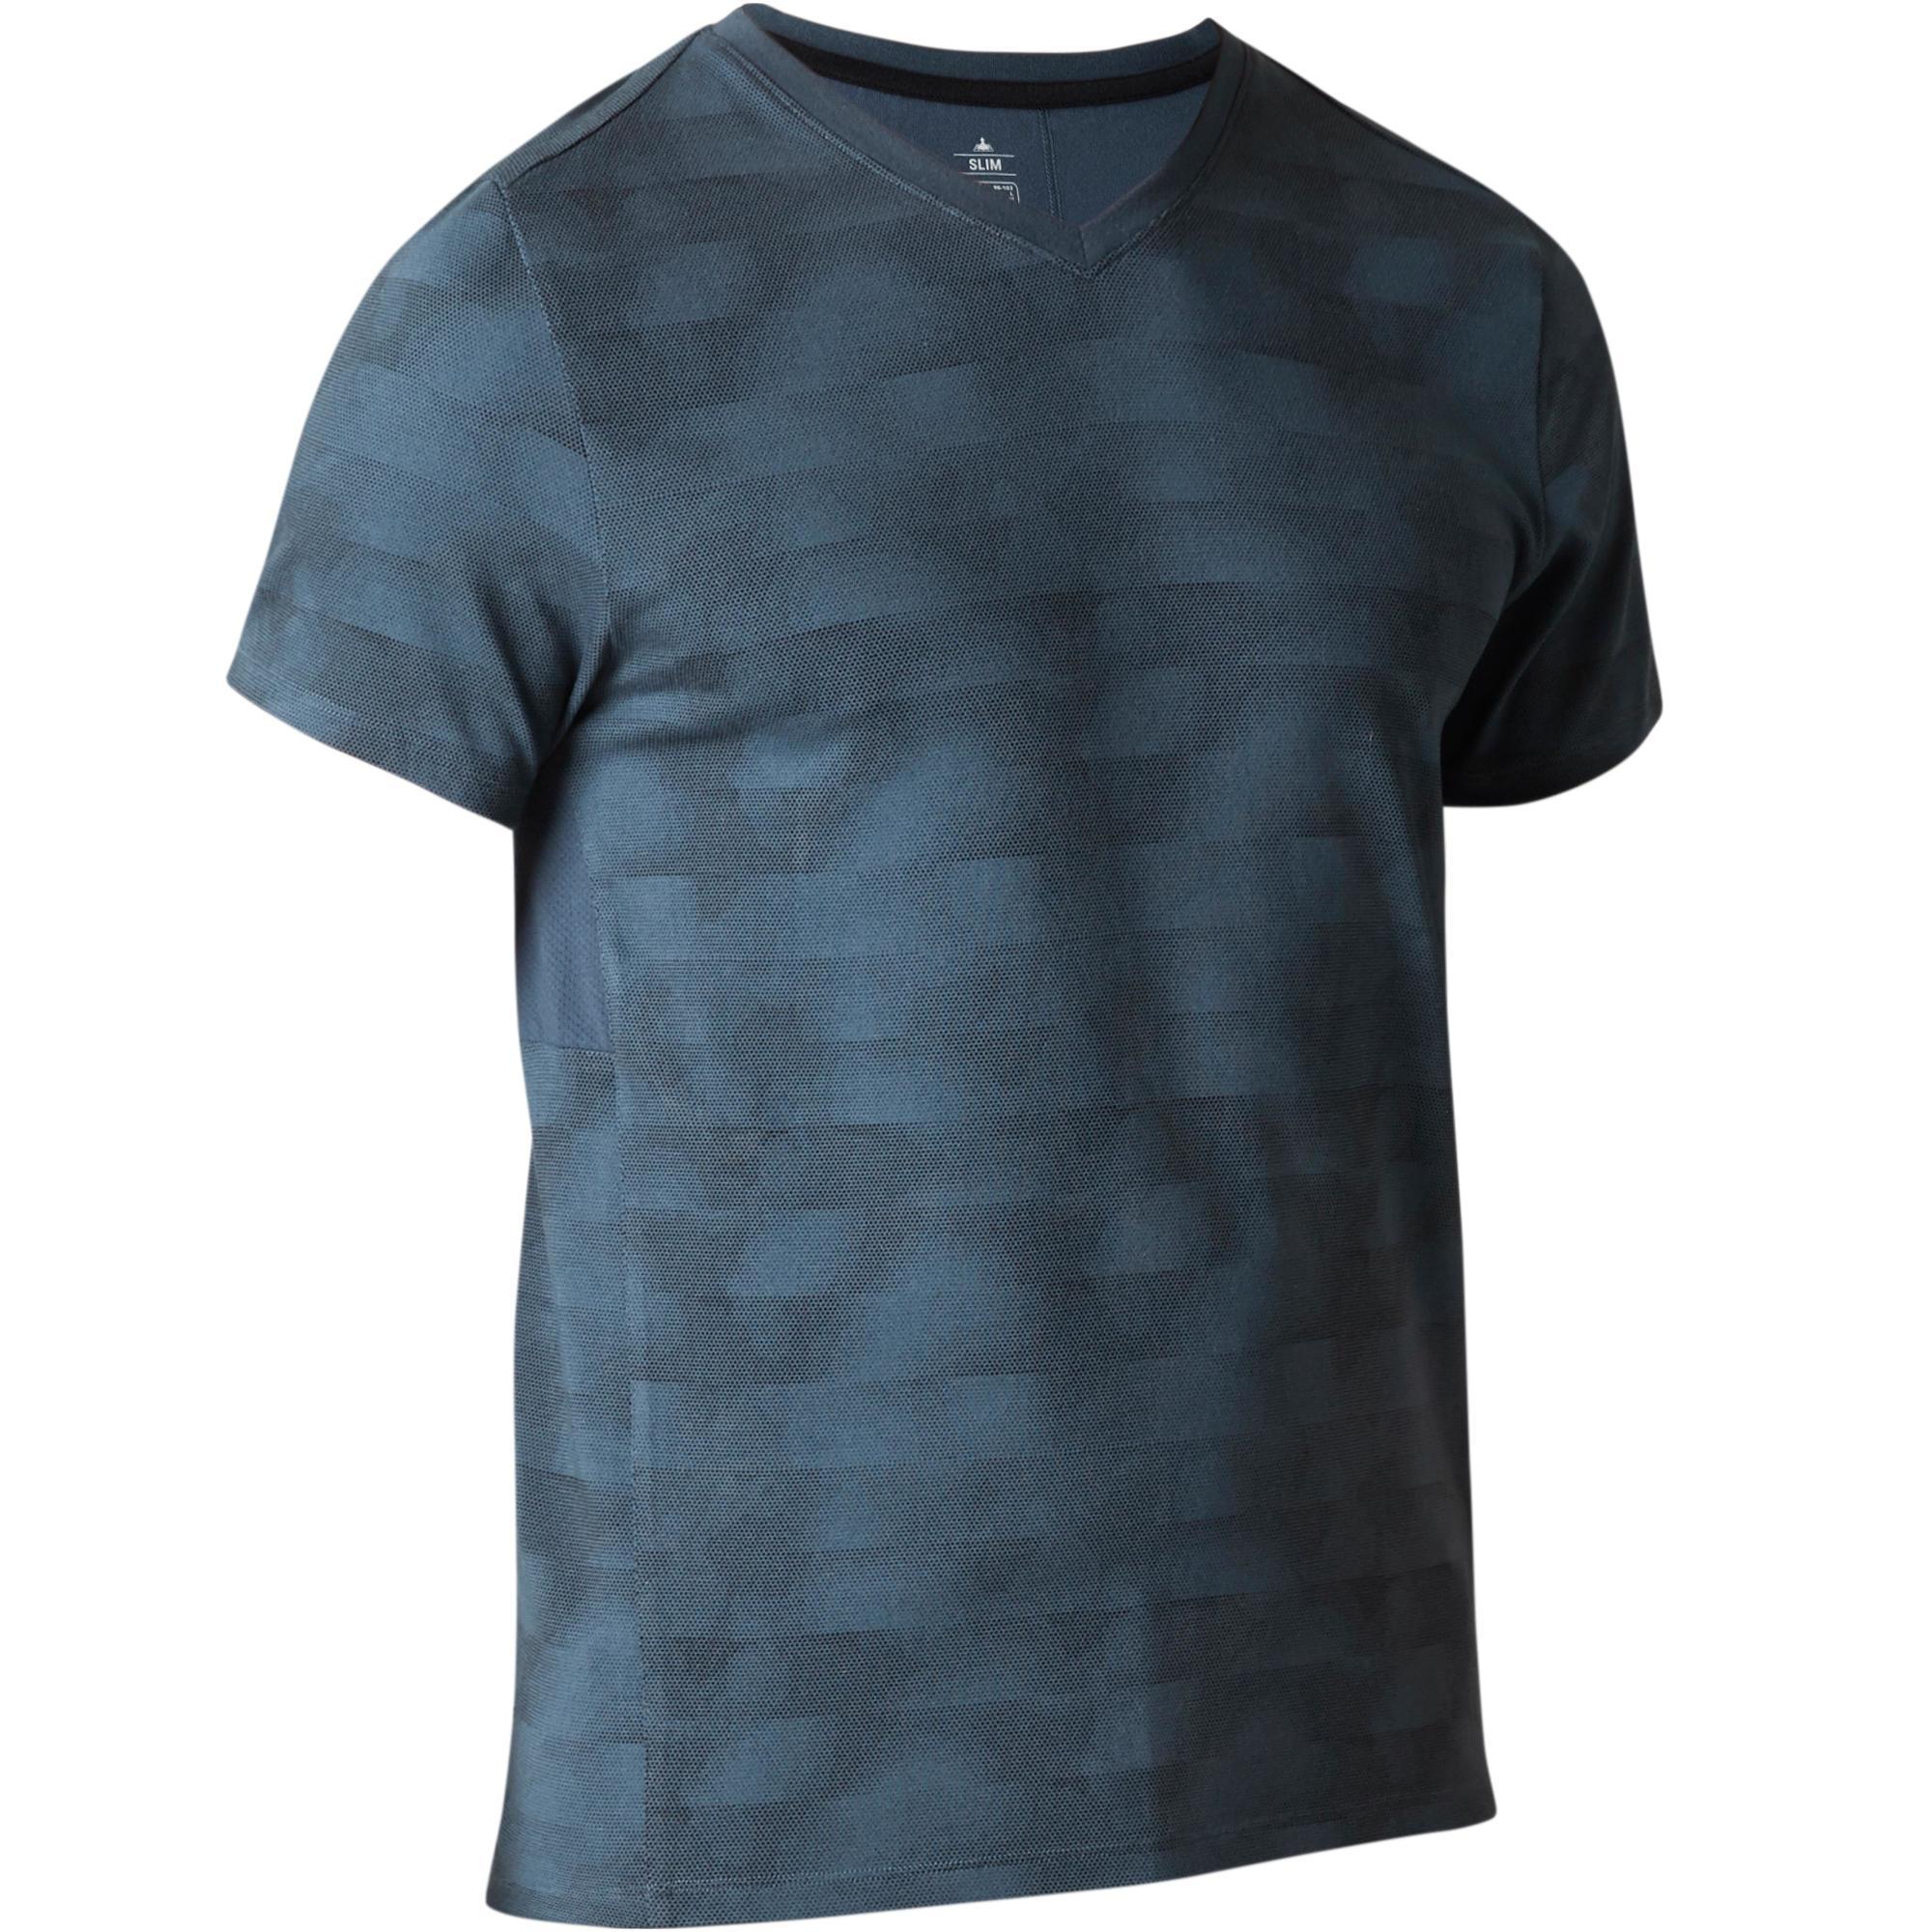 Domyos Heren T-shirt 520 voor gym en stretching slim fit, V-hals, blauw AOP